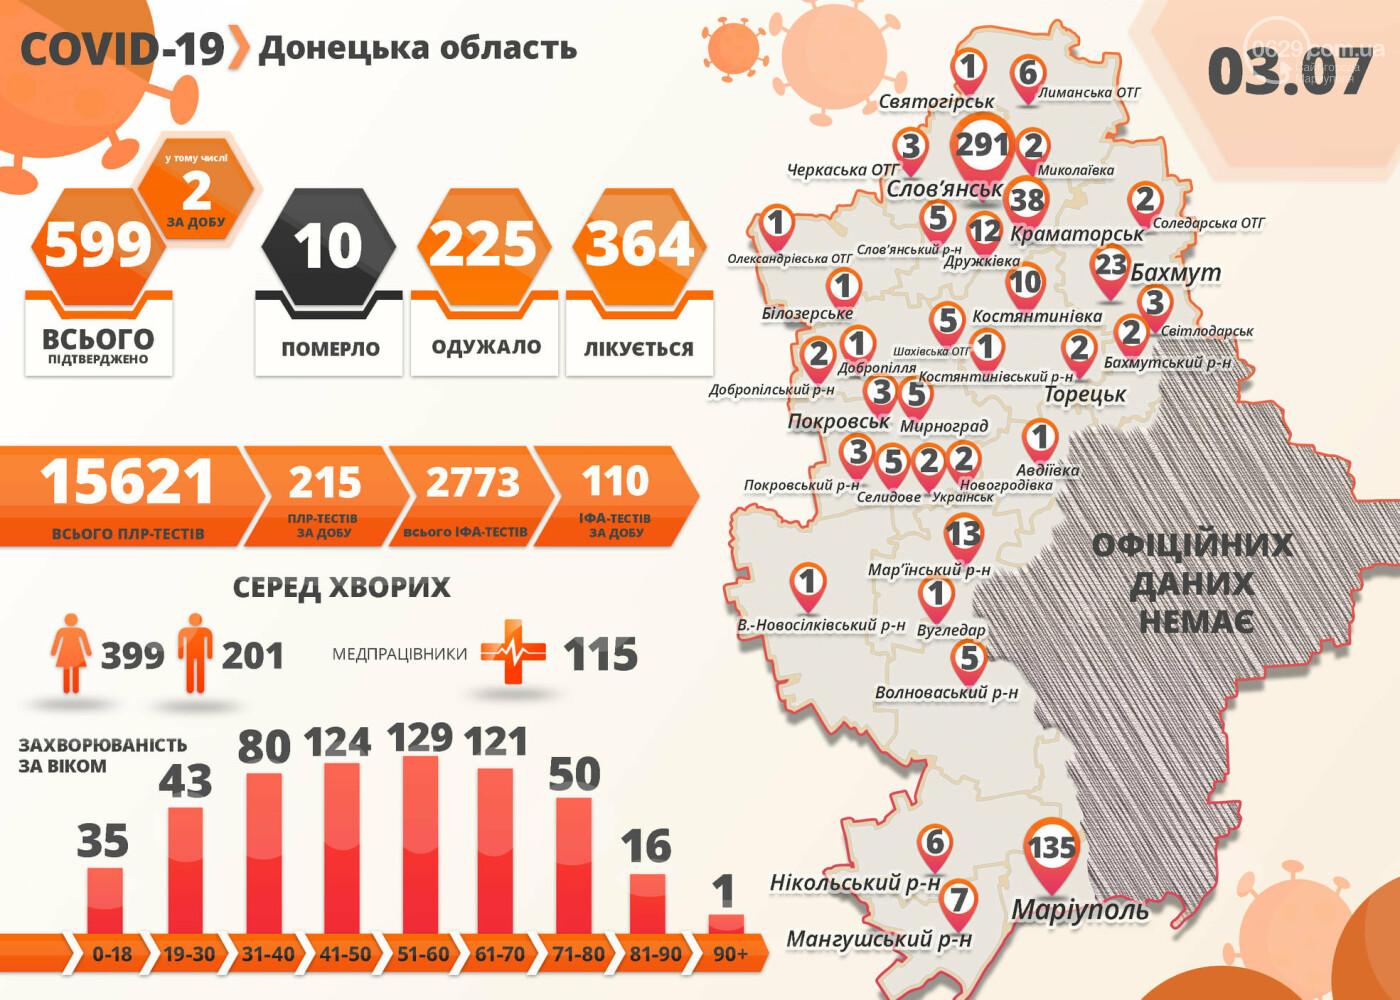 Пандемия коронавируса: в мире более 200 тысяч за сутки, в Украине +914, в Мариуполе +1, фото-1